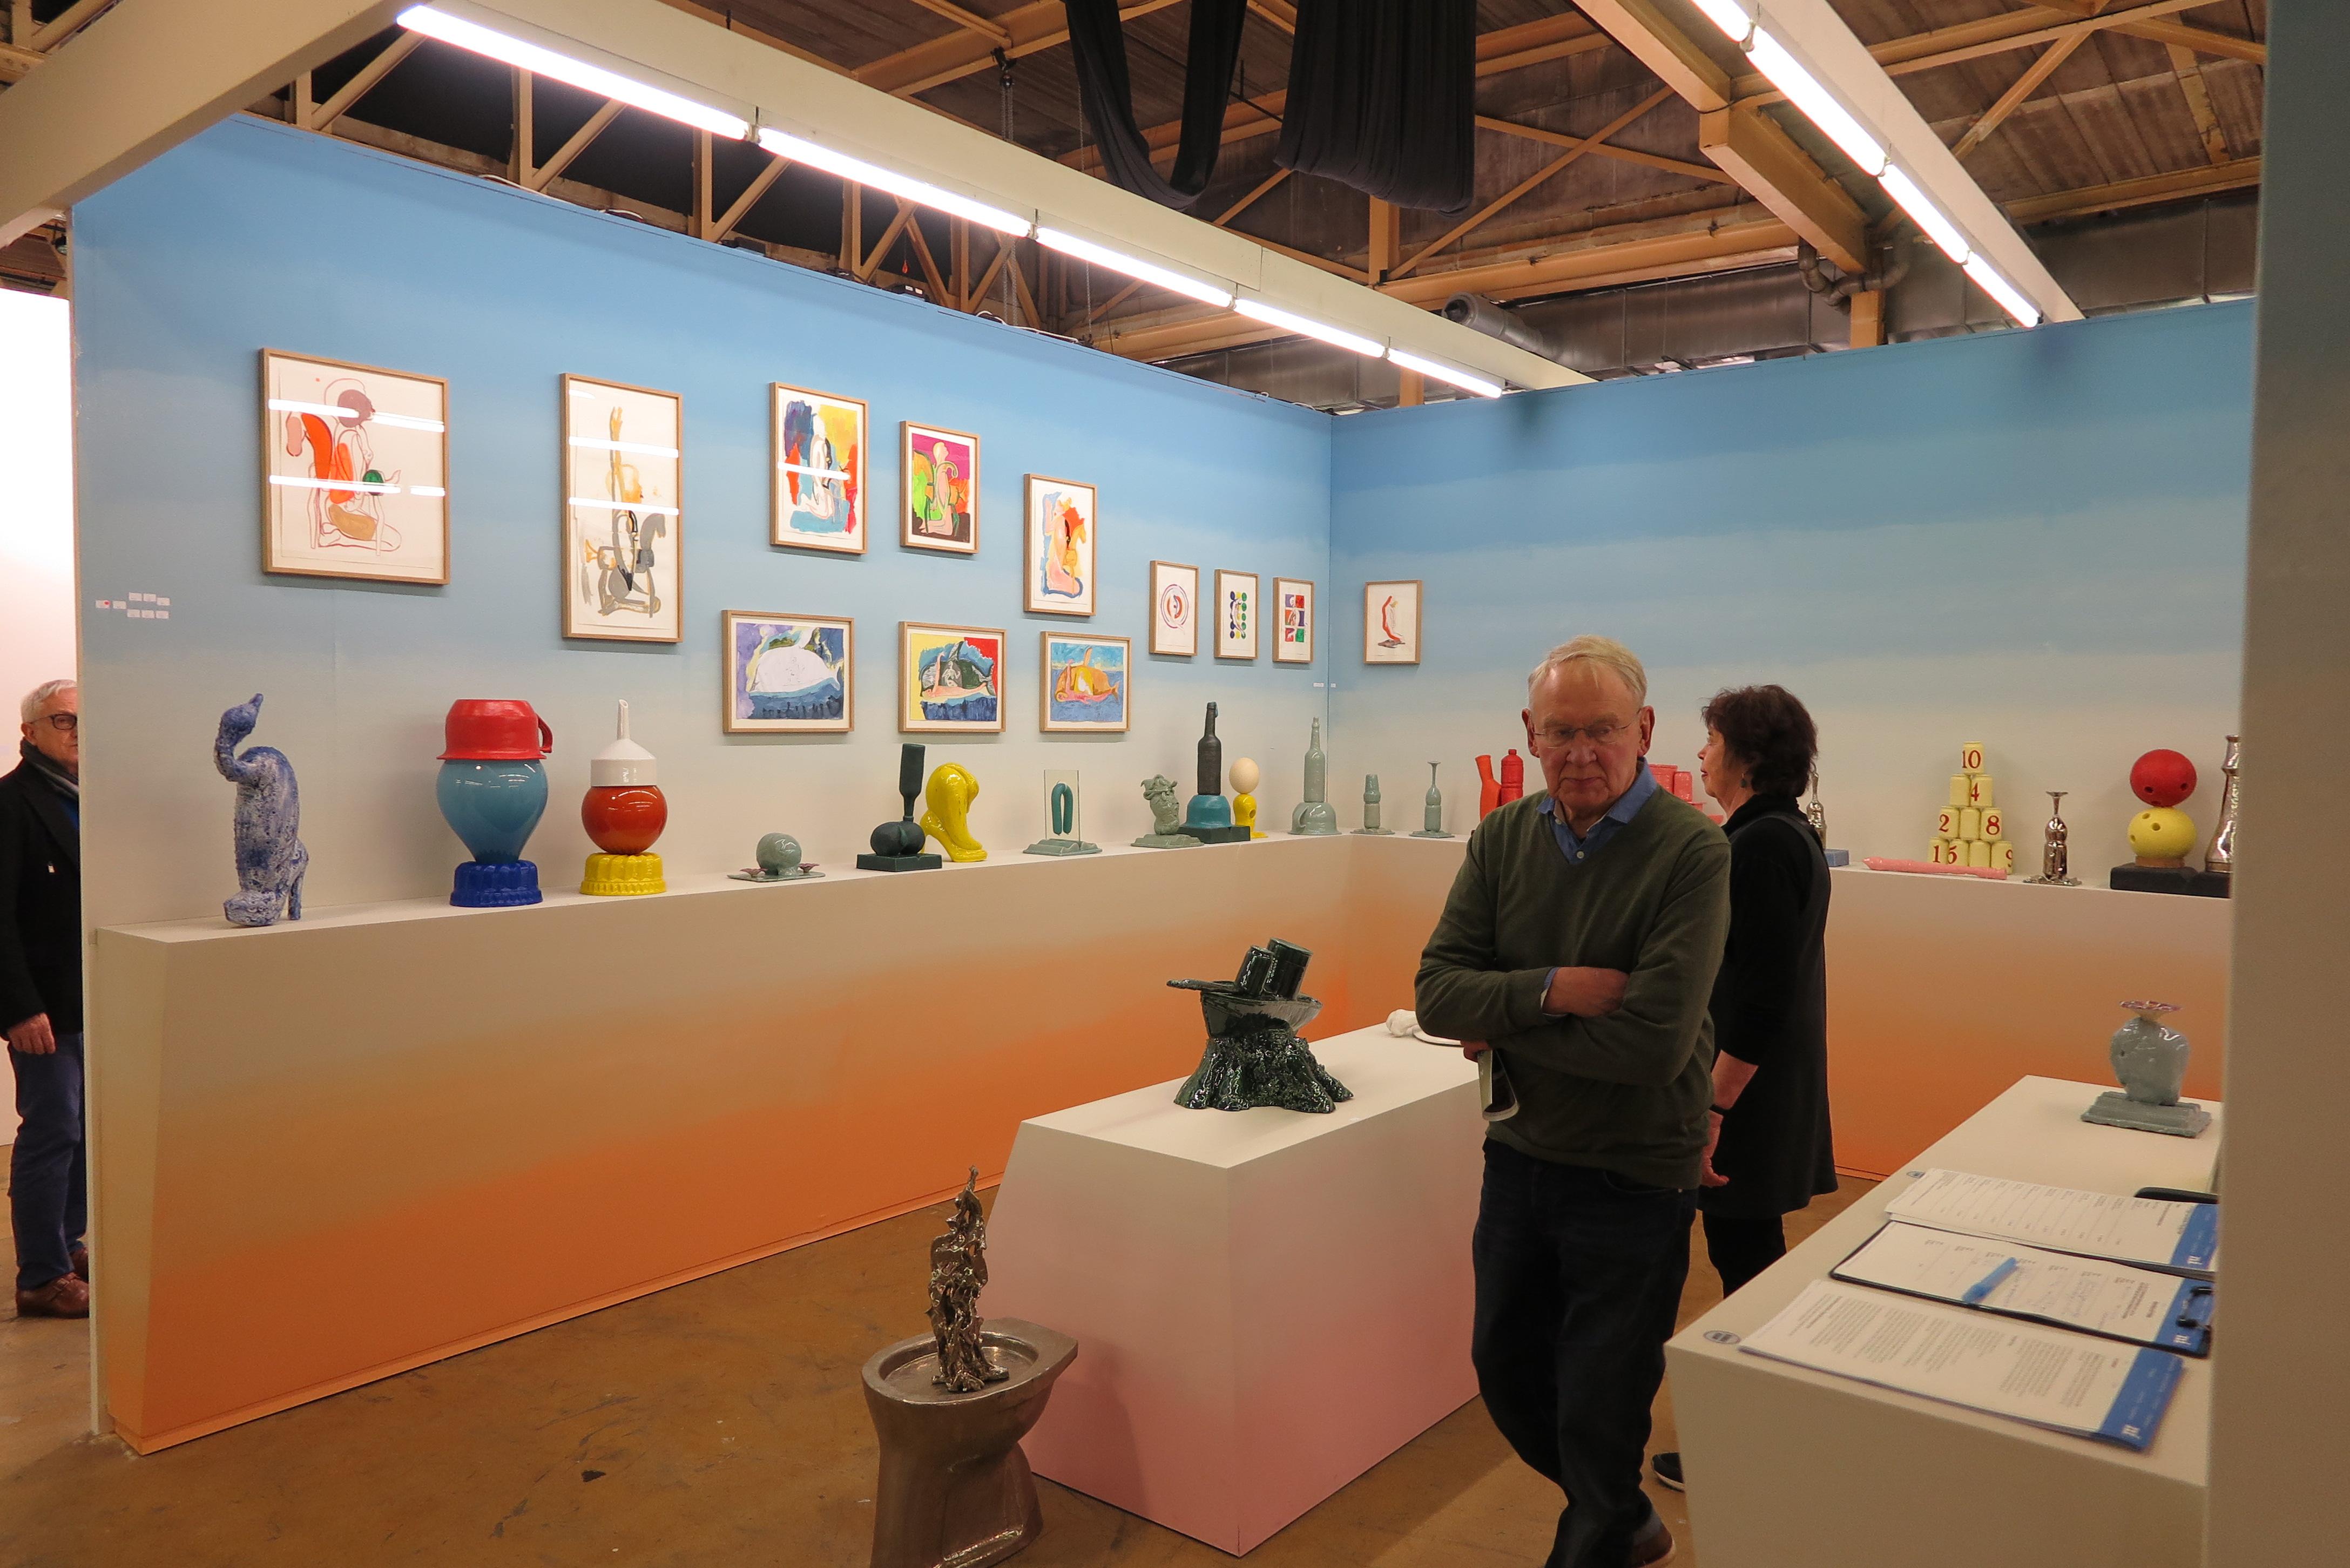 Galerie Nouvelles Images. Kunstenaar:onbekend (Main)